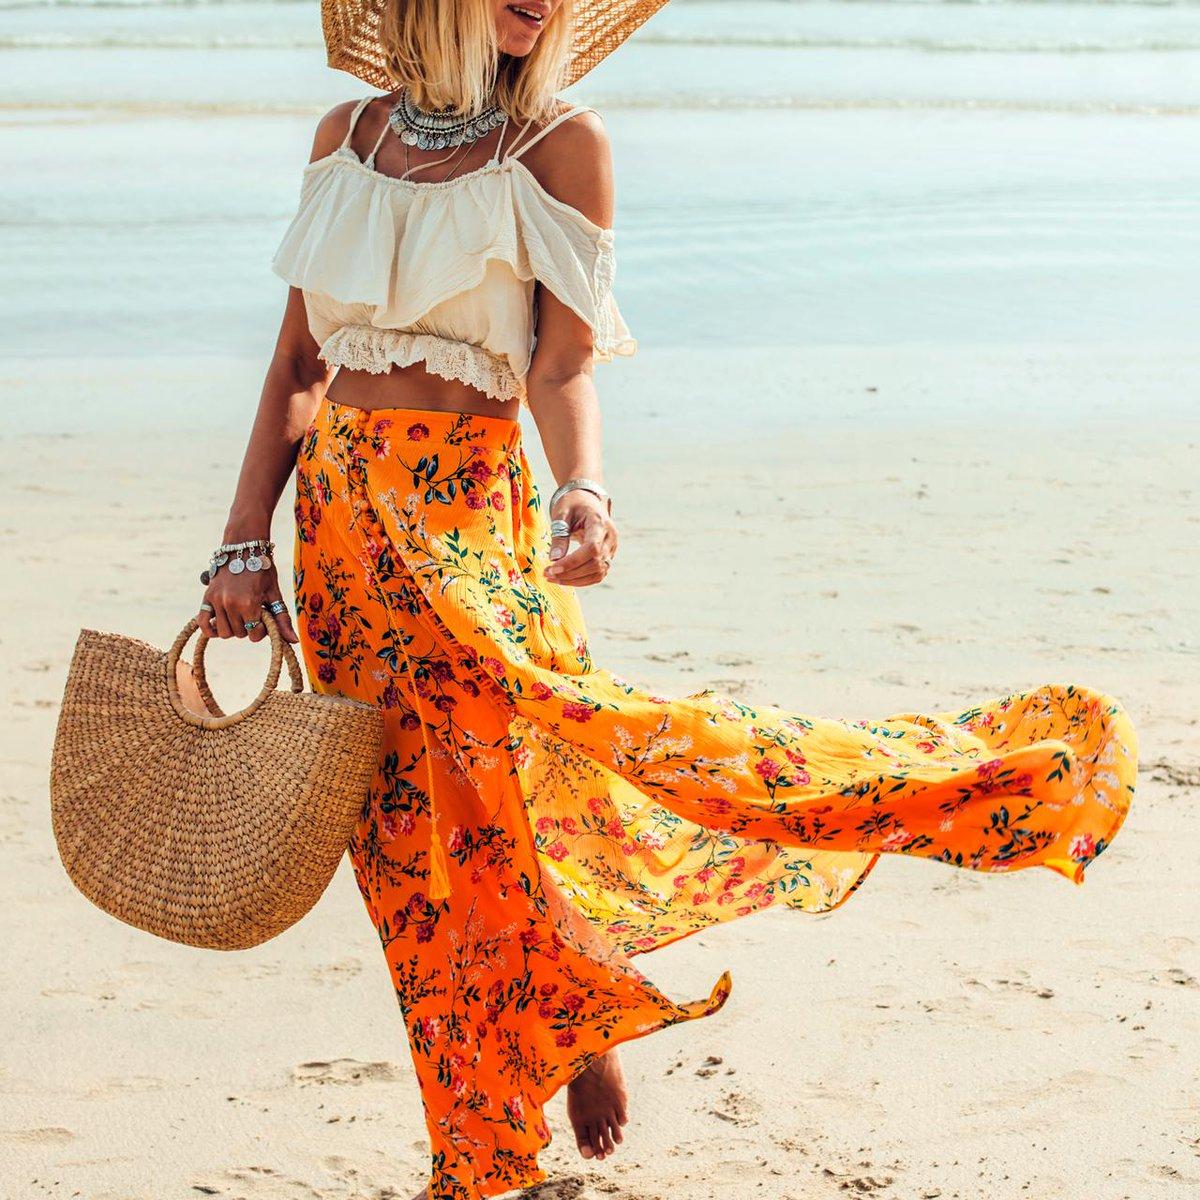 Siéntete libre y fresca en la playa con nuestra tela licra y disfruta este verano al máximo.  #ATuMedida #Licra #Cortitelas #Honduras #Telas #LoMejorenTelas #ModaHonduras #FashionHonduras #ImaginaTodoloquePuedesCrear #Crealo #Diseñalo #Imagínalo #Crea #Imagina #Diseña